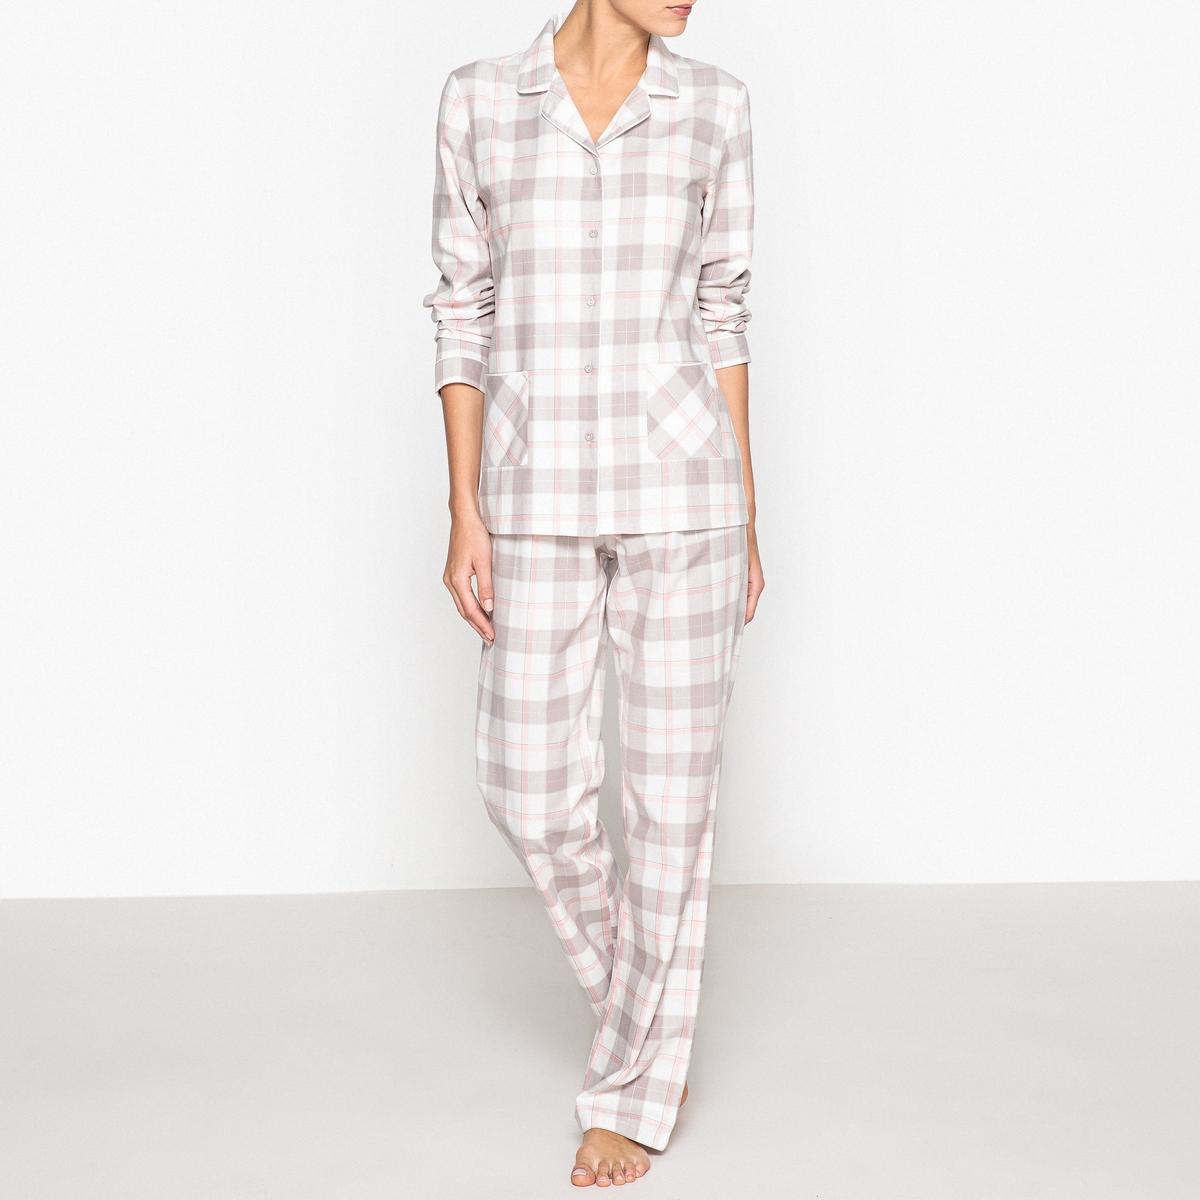 Пижама с рубашкойПижама в винтажном стиле: удобная и красивая благодаря блестящим нитям, создает эффект кокона. Состав и описаниеПижама в винтажном стиле с накладными карманами спереди. Прямой покрой, эластичный пояс.Материал : 99% хлопка, 1% других волоконРазмеры : Рубашка : 67 см.Длина по внутр.шву : 76 смУход :  Стирать с вещами схожих цветов..Стирать и гладить с изнаночной стороны<br><br>Цвет: розовый